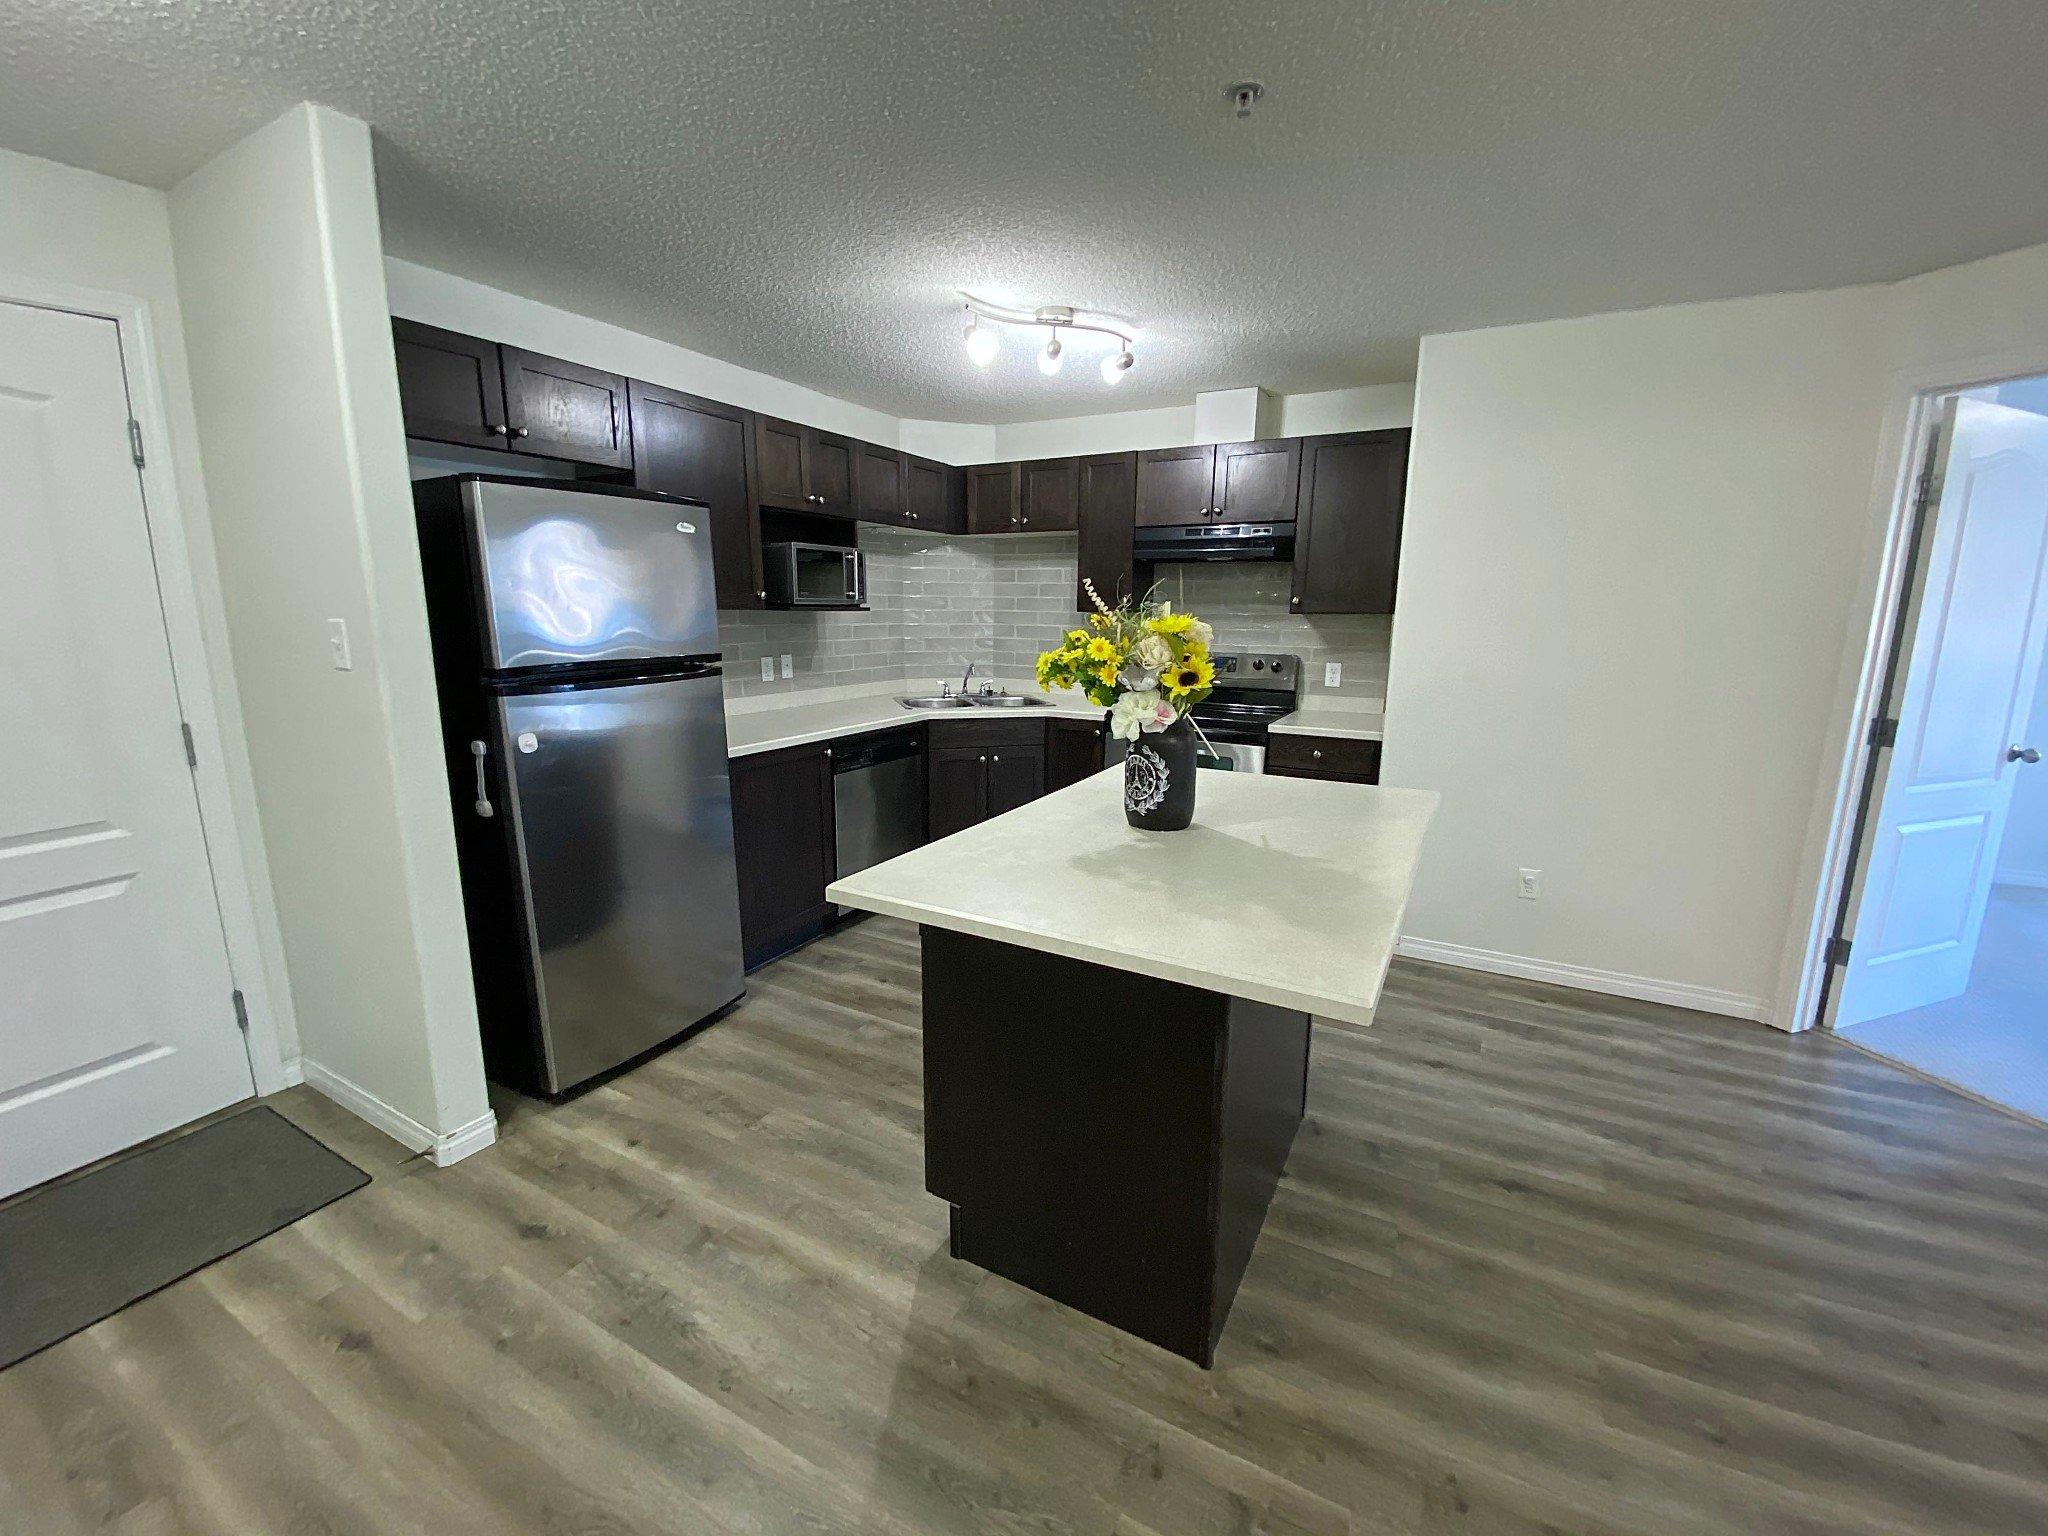 Main Photo: 7331 Terwillegar Dr in Edmonton: Condo for rent